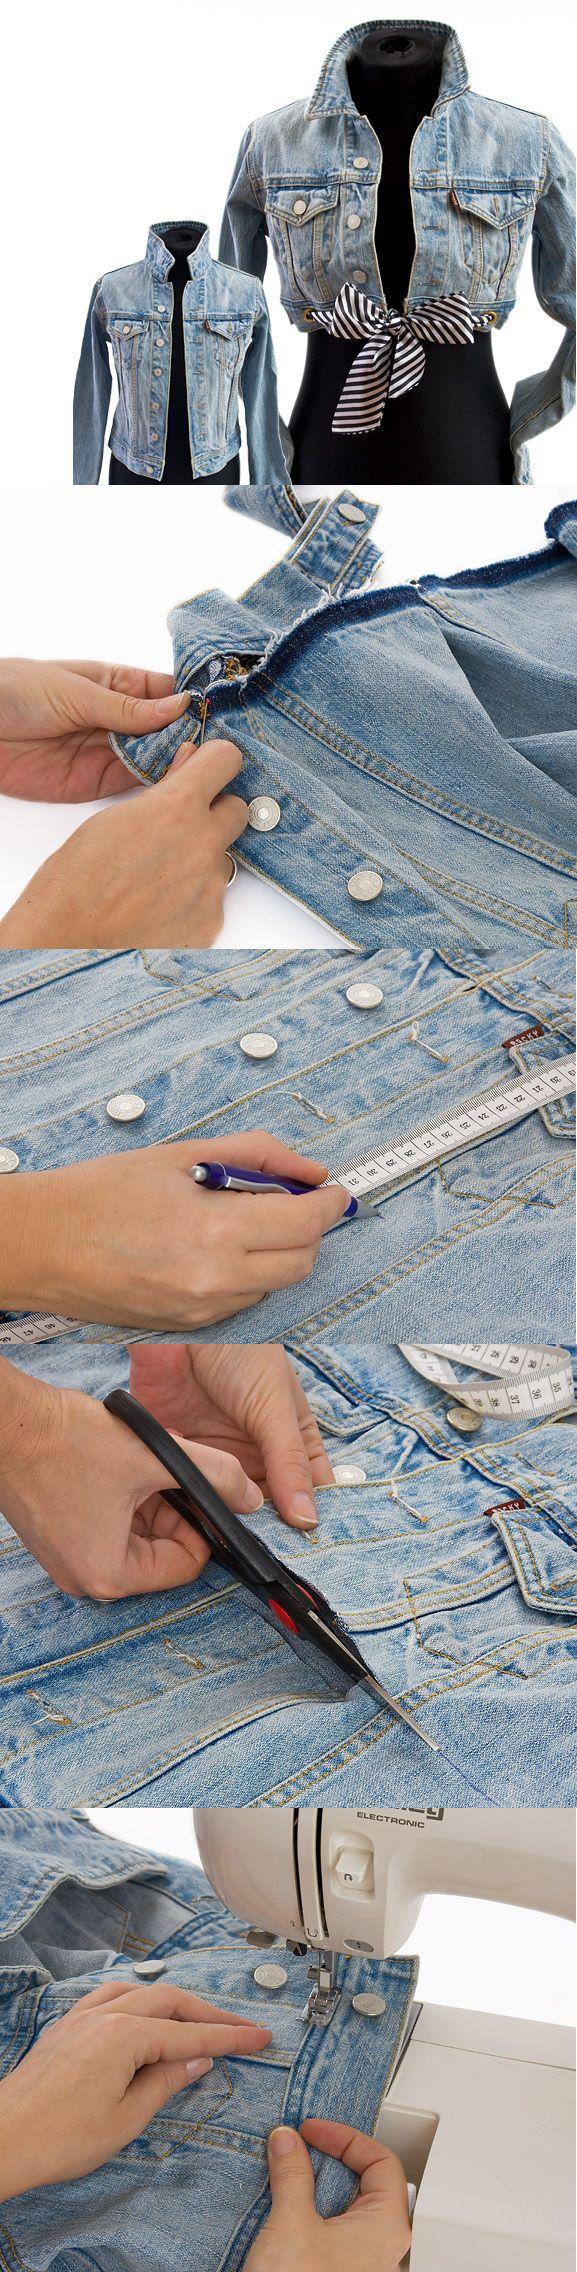 9 способов сделать старую джинсовку стильной - Я Покупаю 7